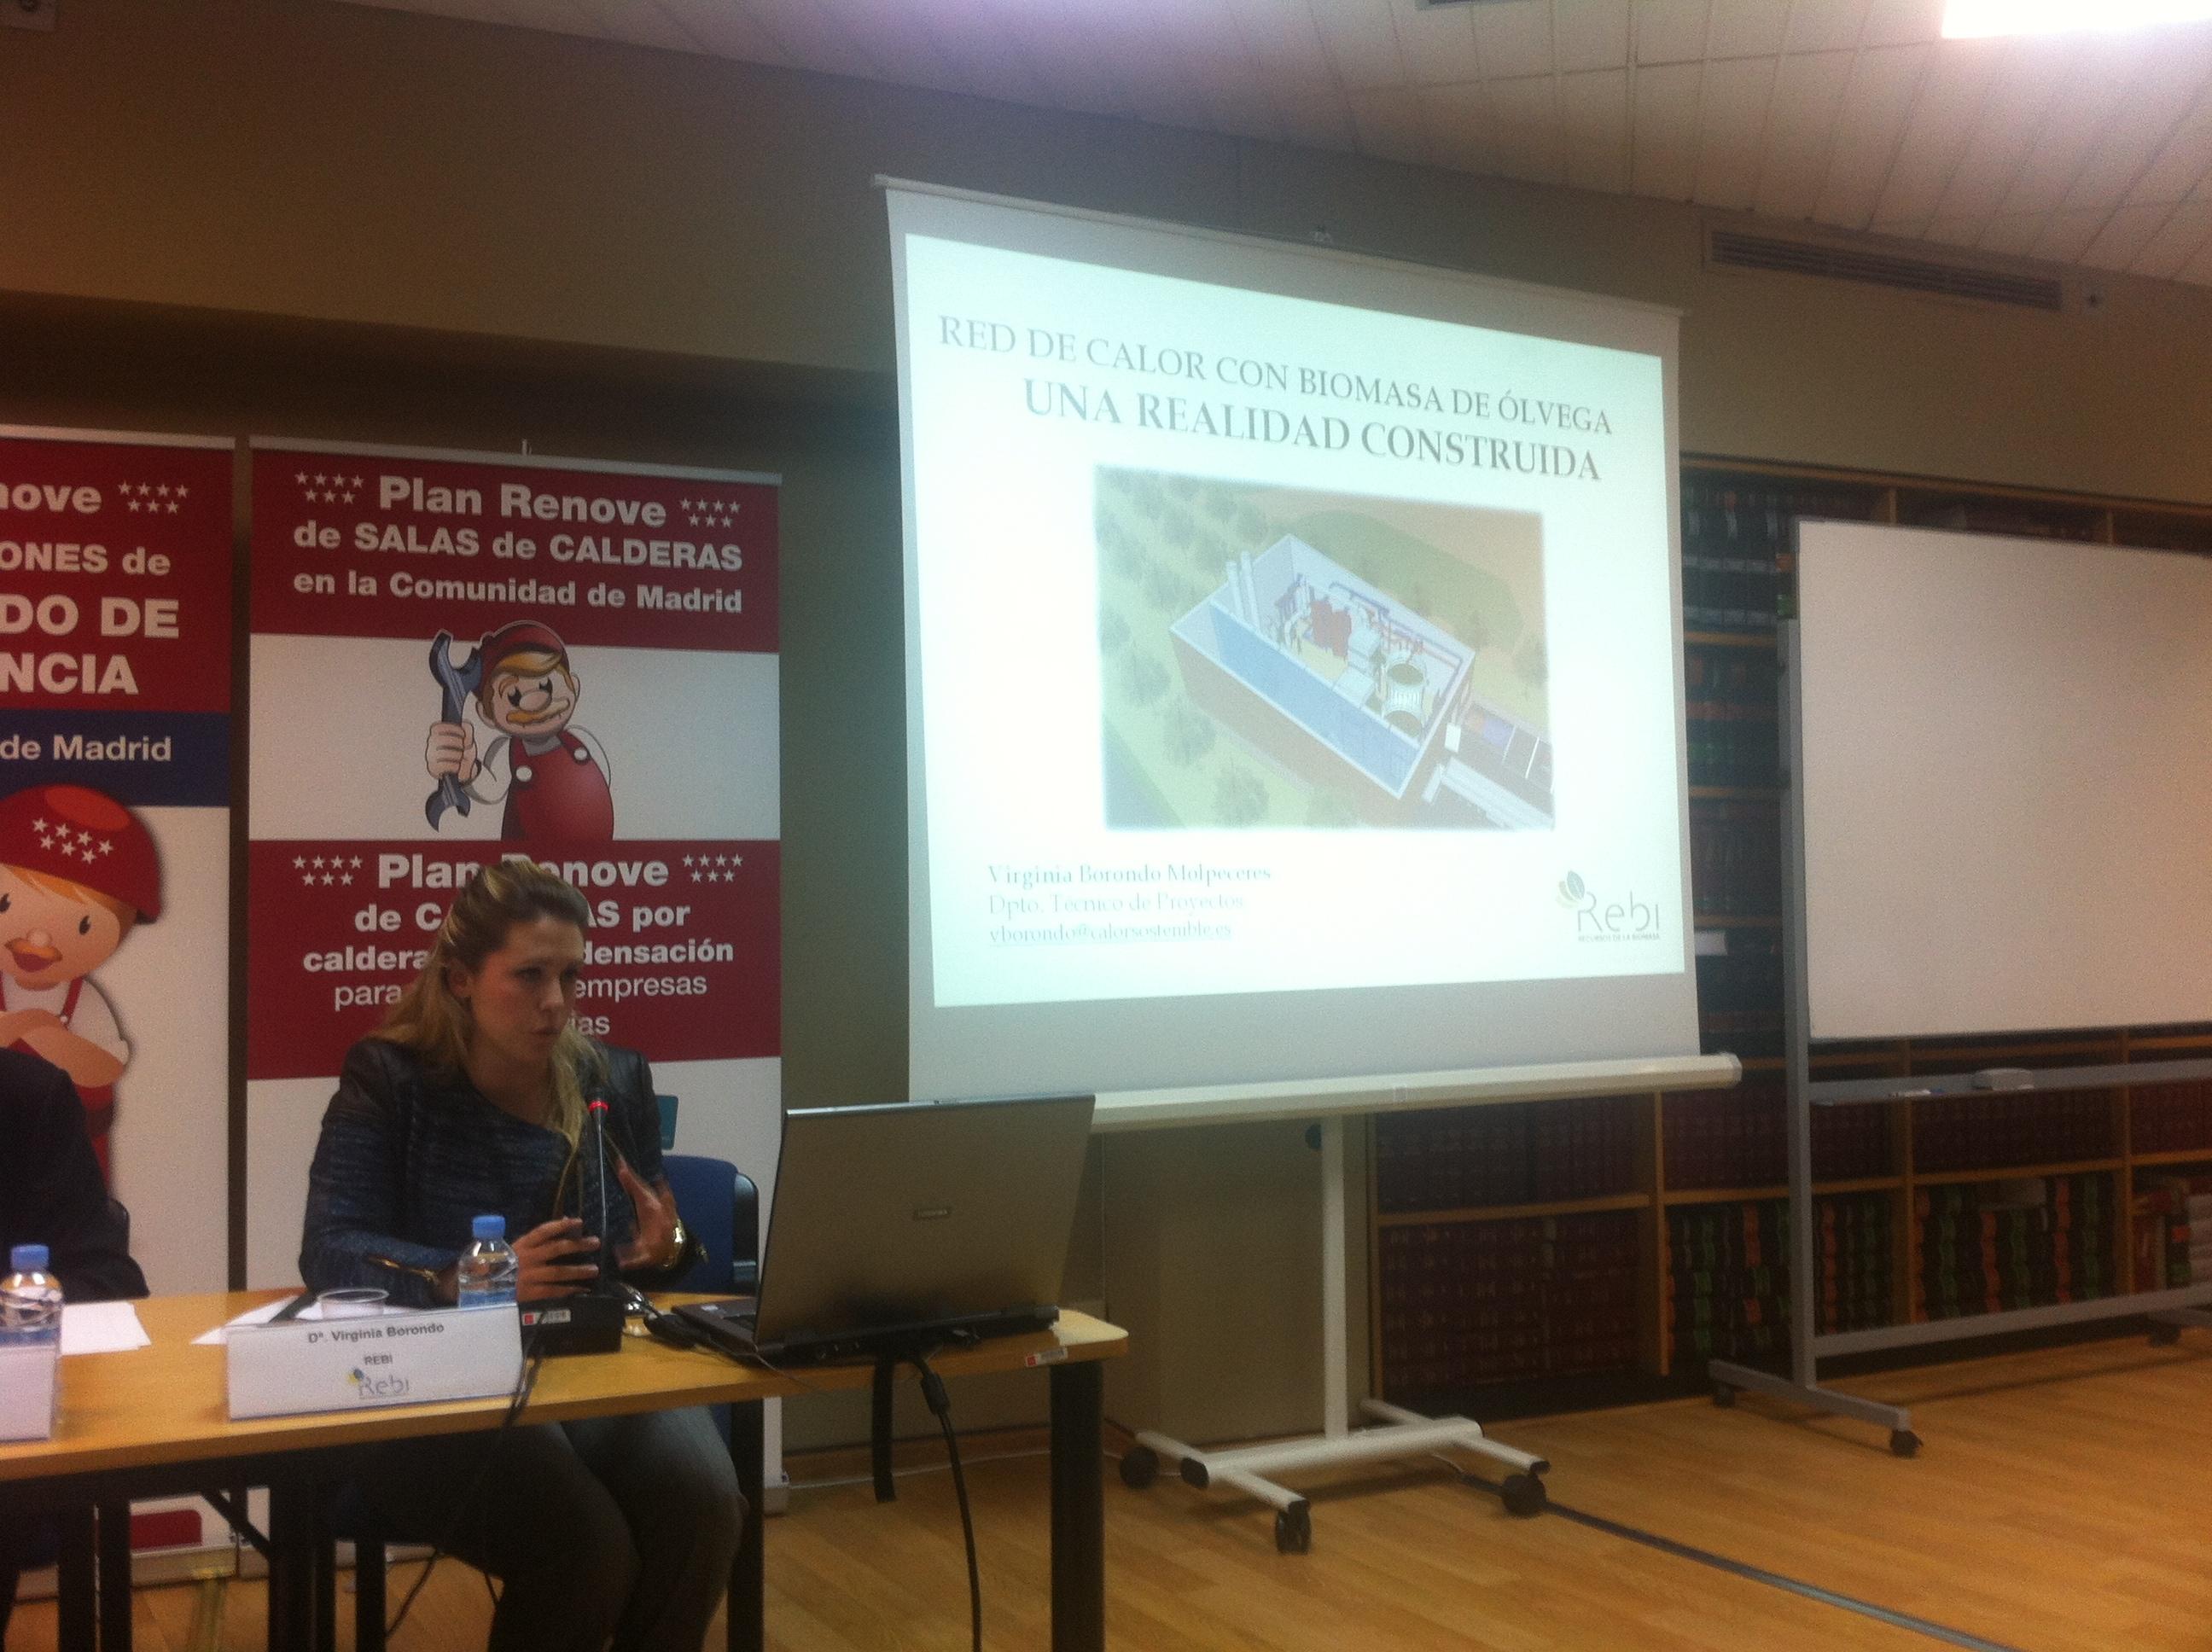 Virginia Borondo exponiendo en las jornadas celebras en Madrid el 16 de octubre de 2013 en Madrid sobre Redes de Calor